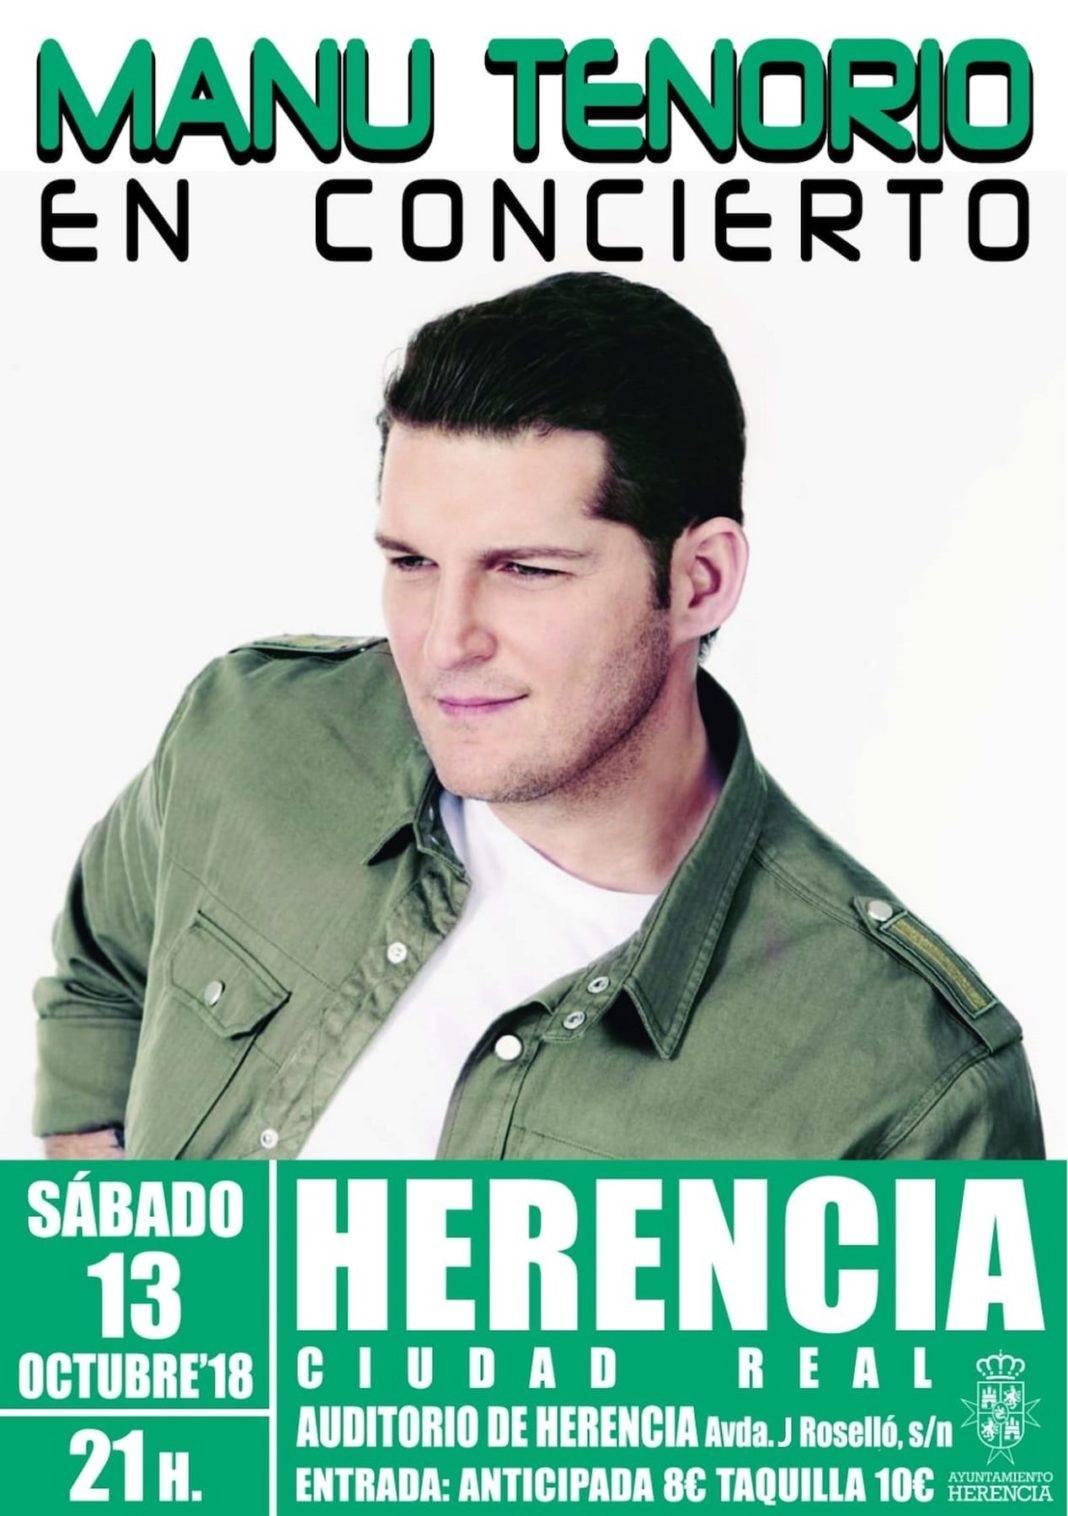 Manu Tenorio actuará en Herencia el próximo día 13 de octubre 2